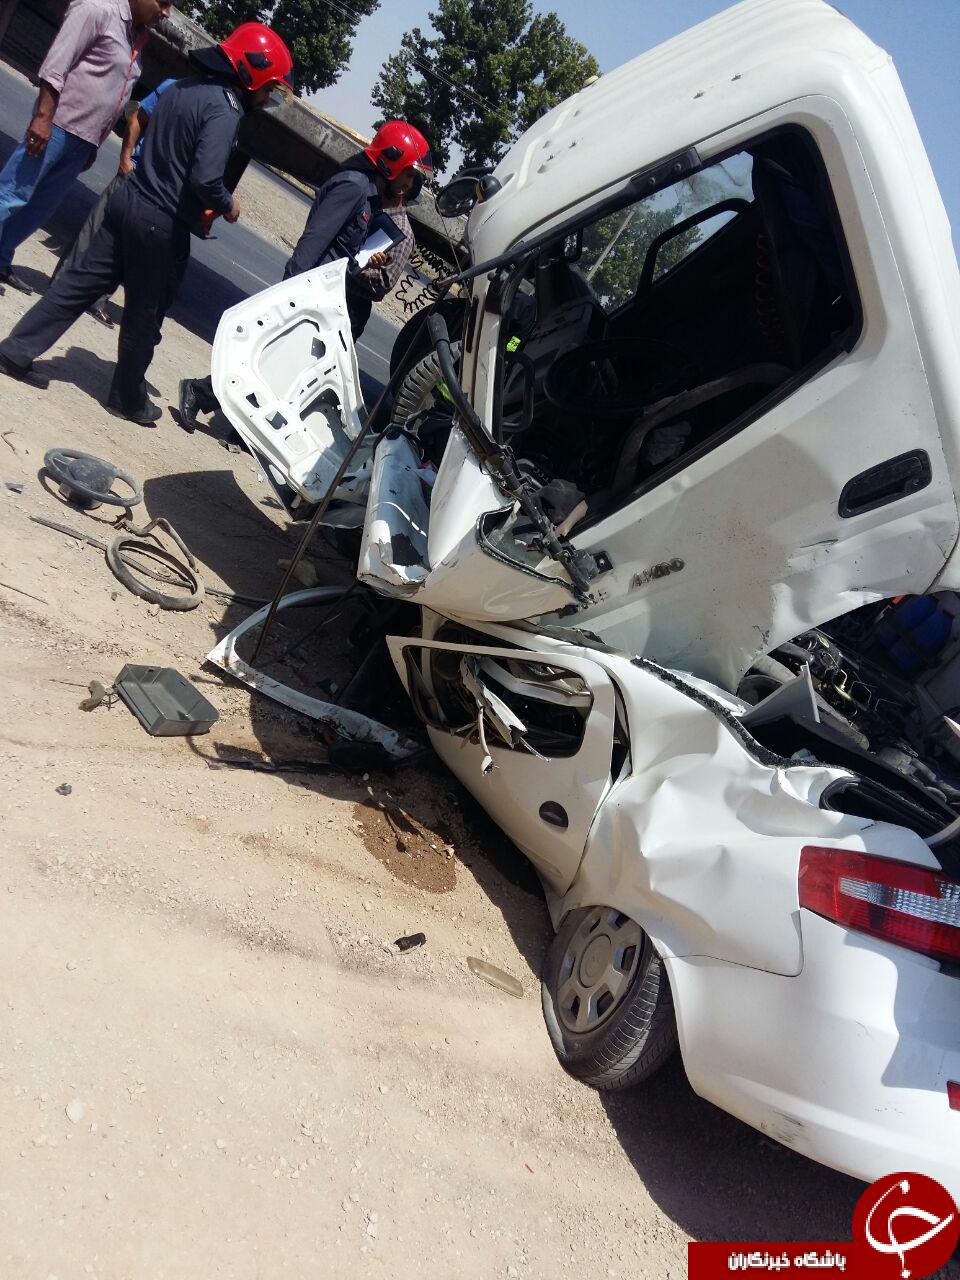 کشته و زخمی شدن دو راننده در اتوبان نجف آباد کشته کشته و زخمی شدن دو راننده در اتوبان نجف آباد            3